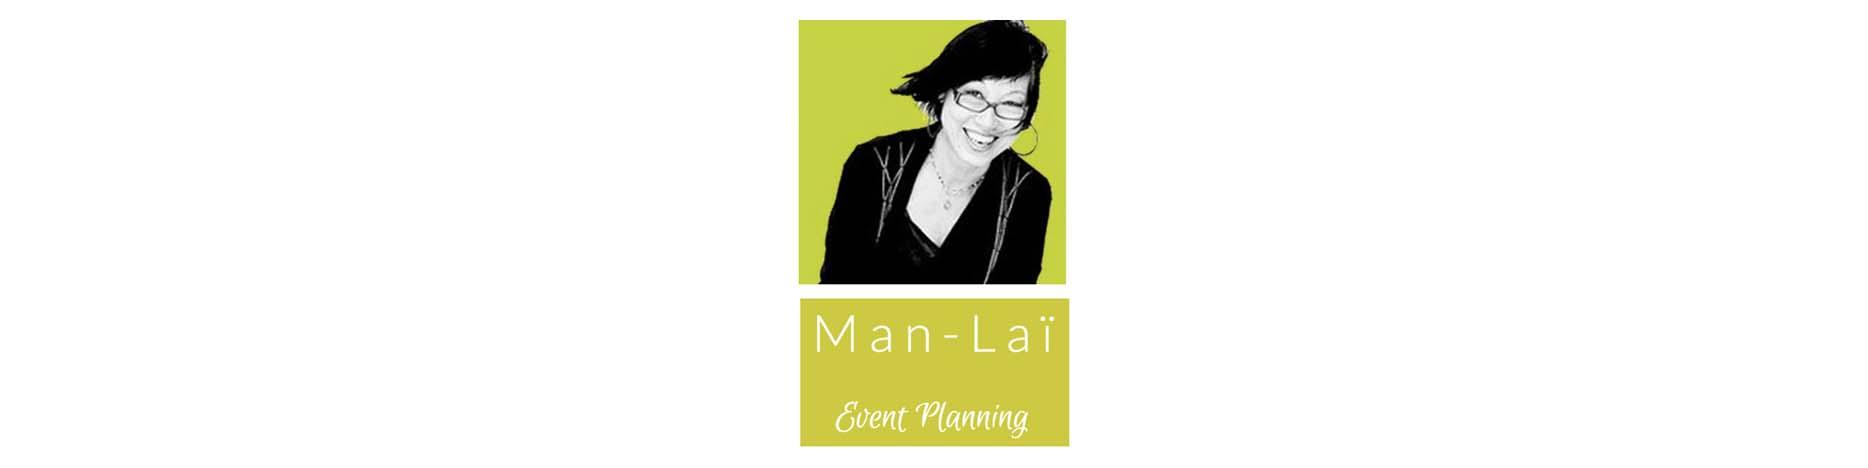 Man-Lai Events